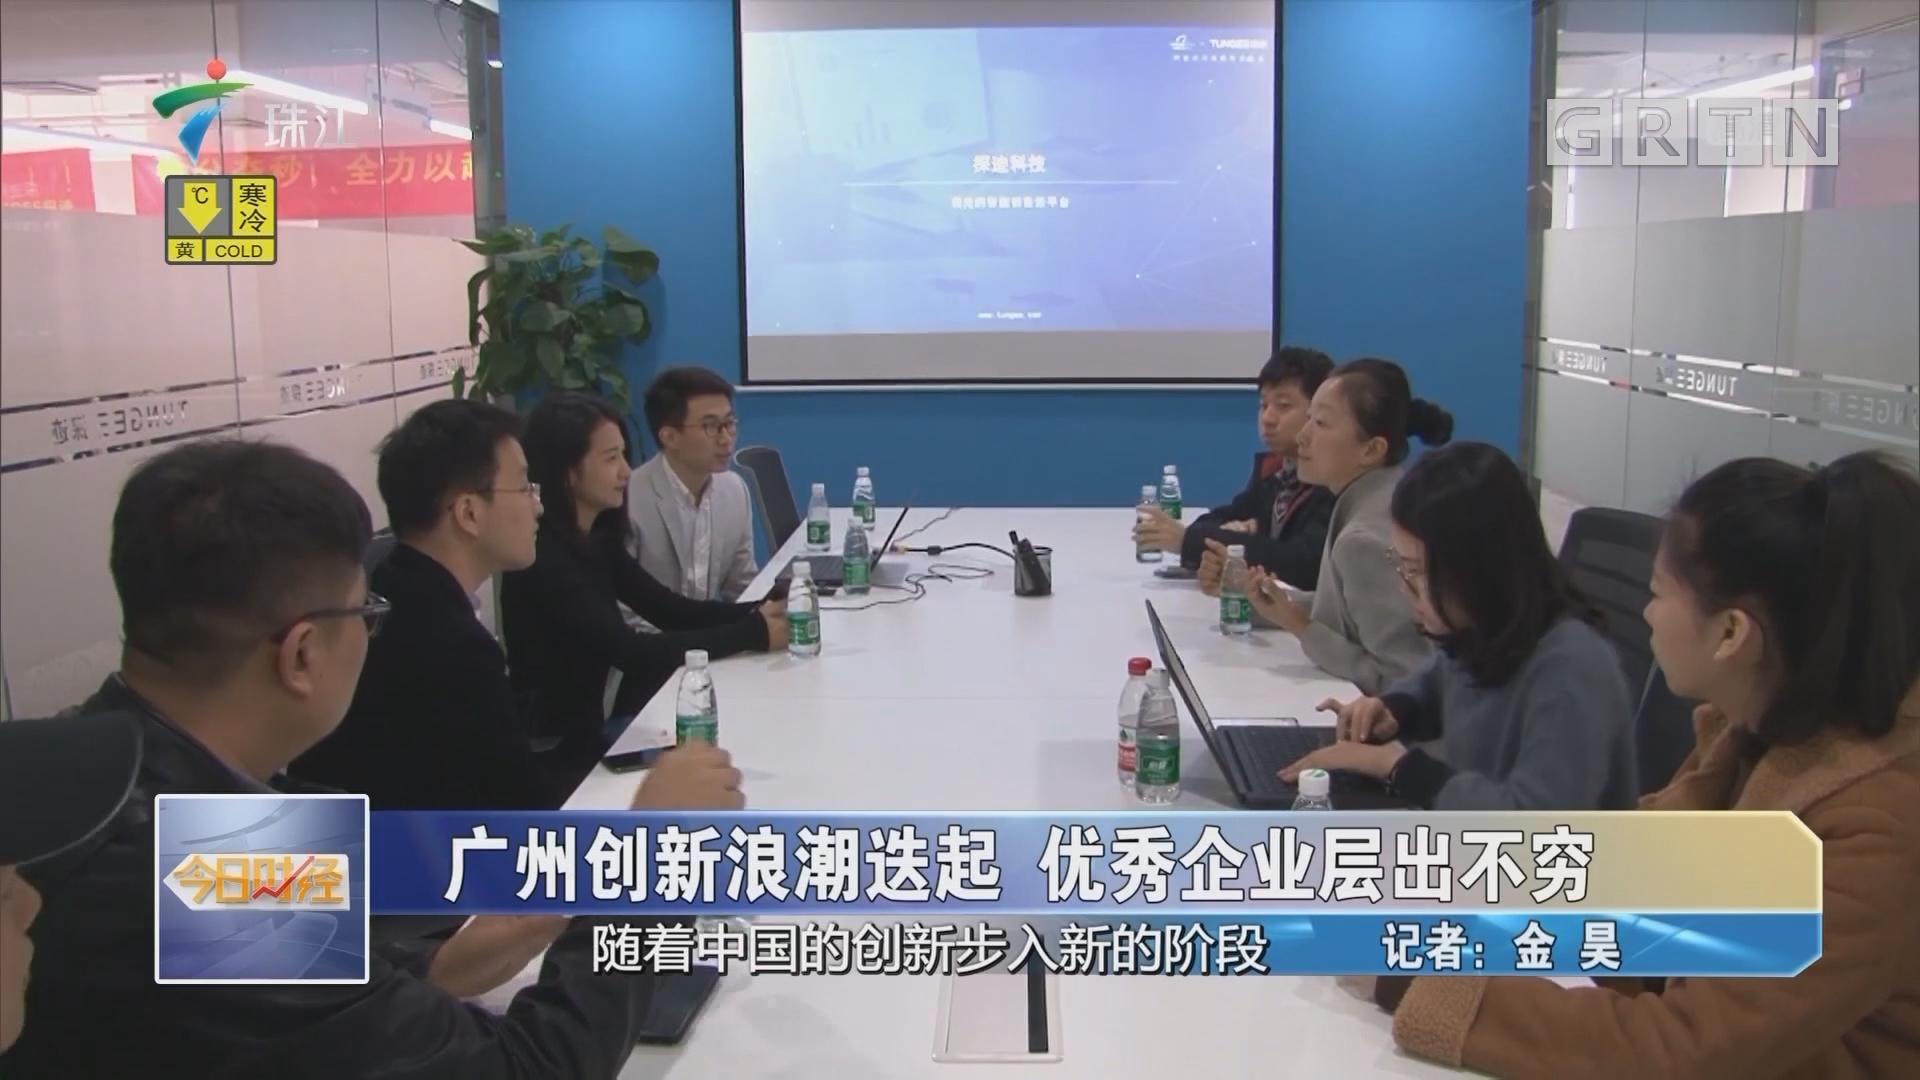 广州创新浪潮迭起 优秀企业层出不穷